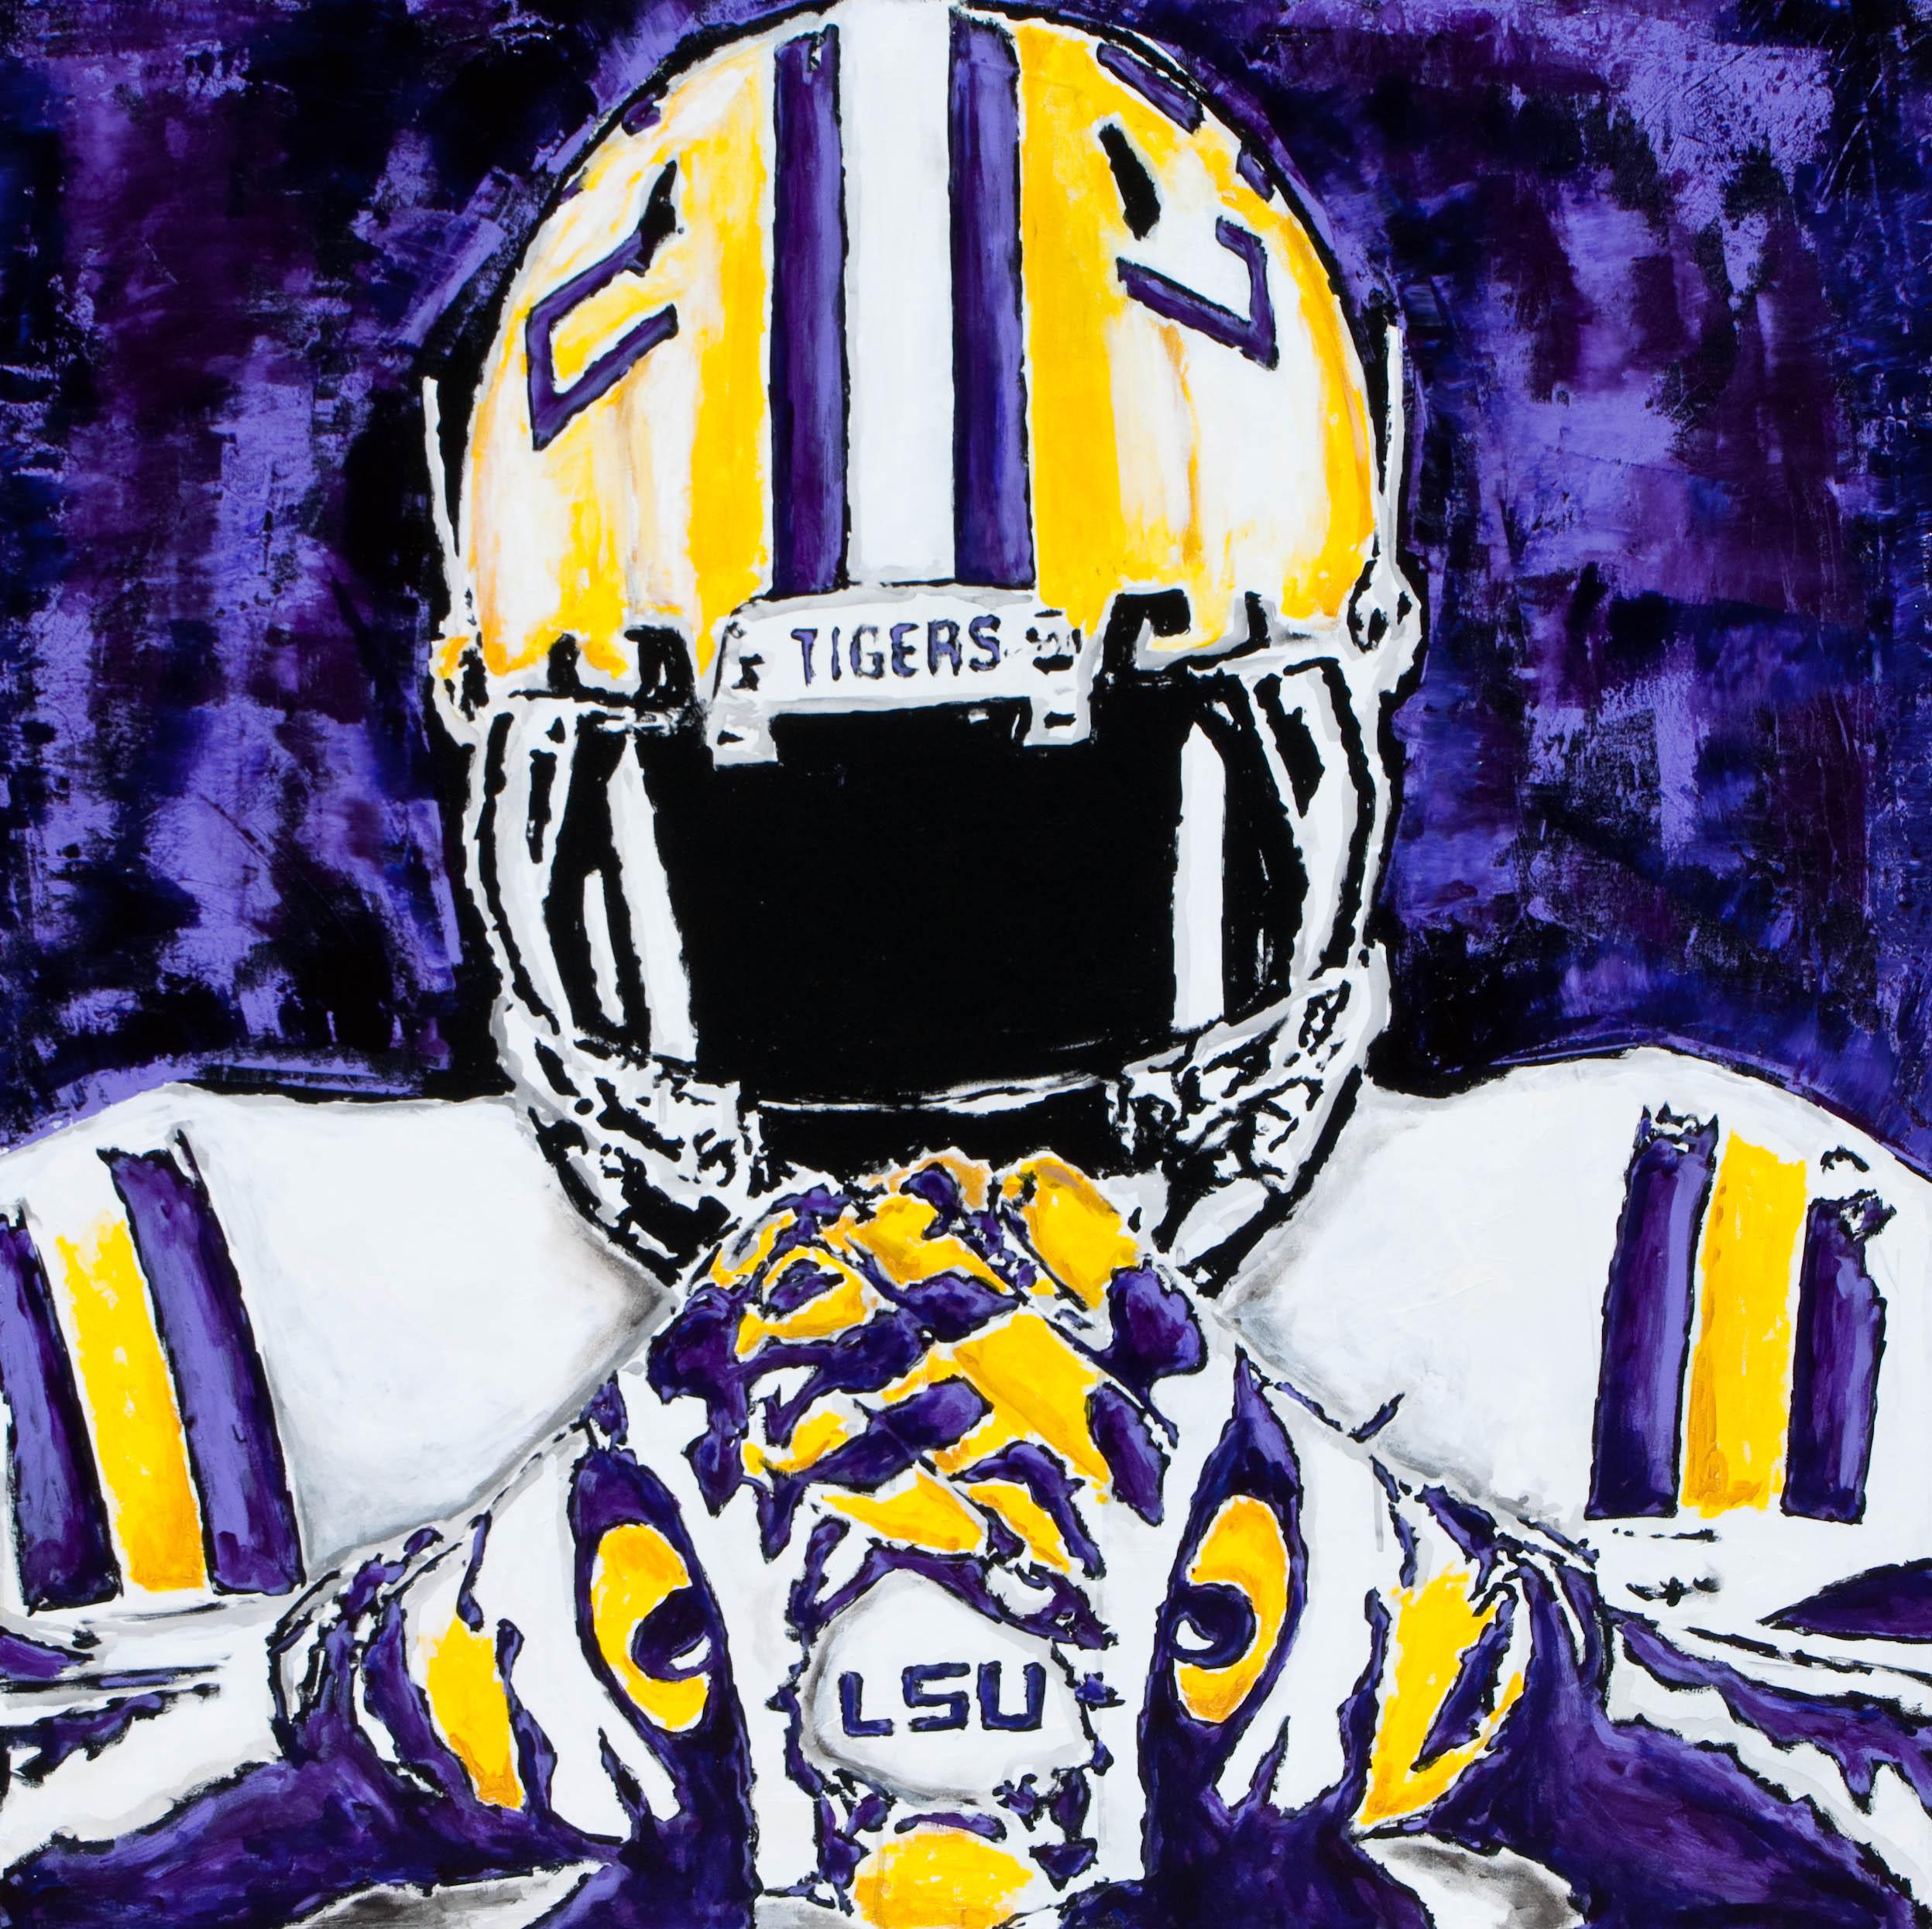 Drew nussbaum modern artist lsu art for Sec football wallpaper